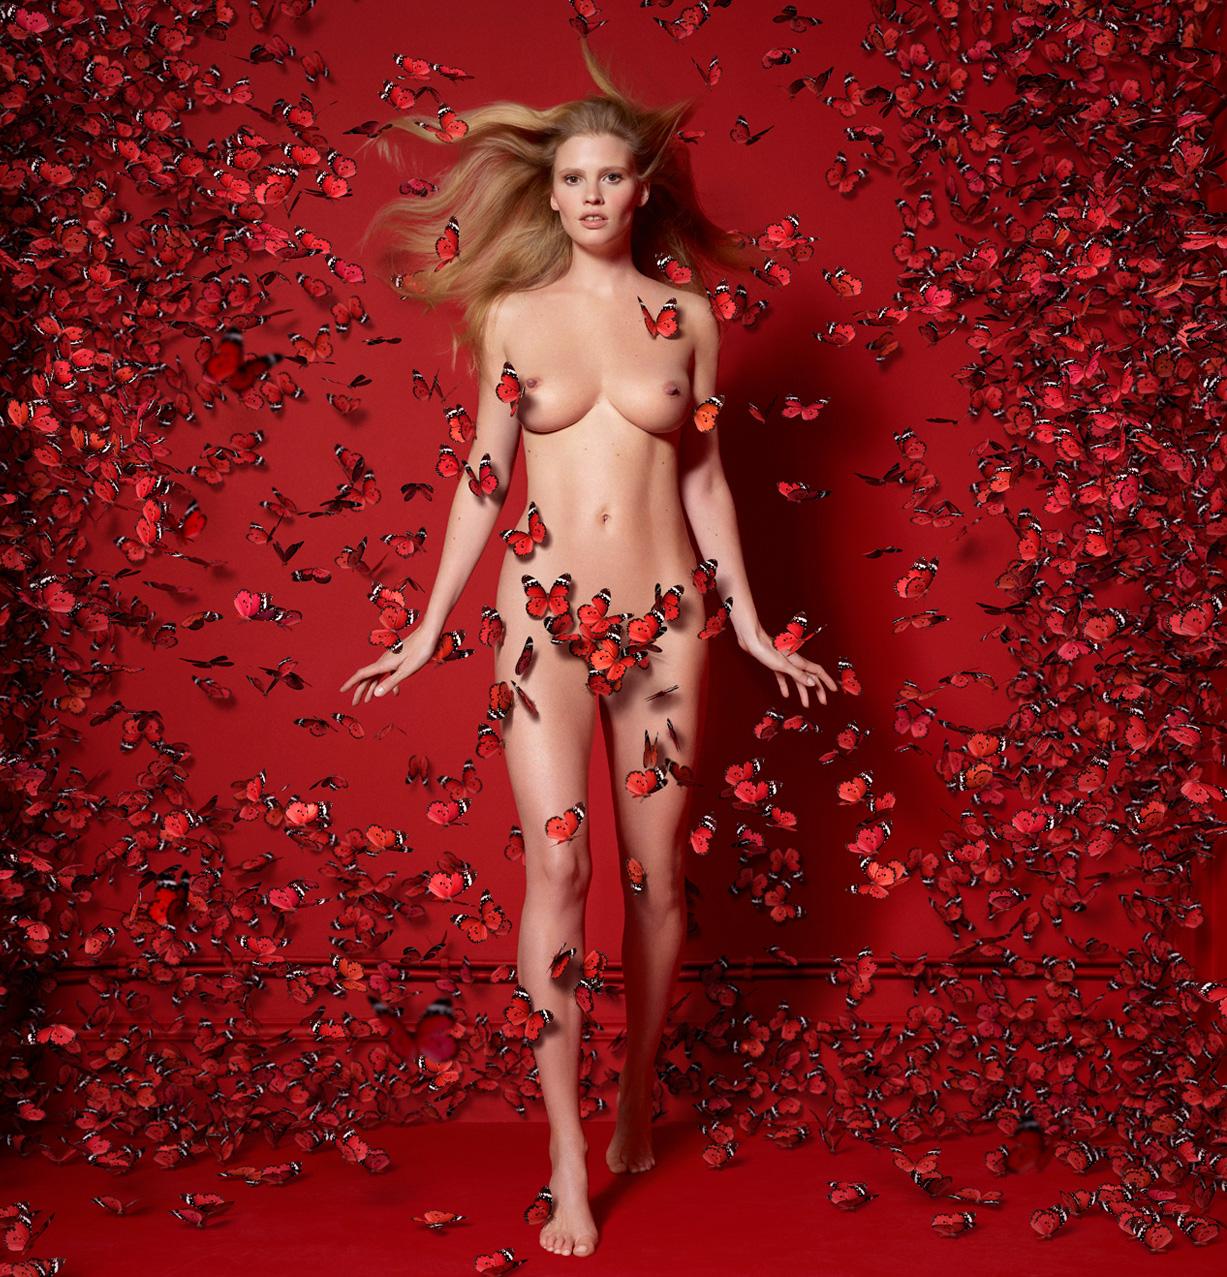 Эротические фотографии на красном фоне ошибаетесь